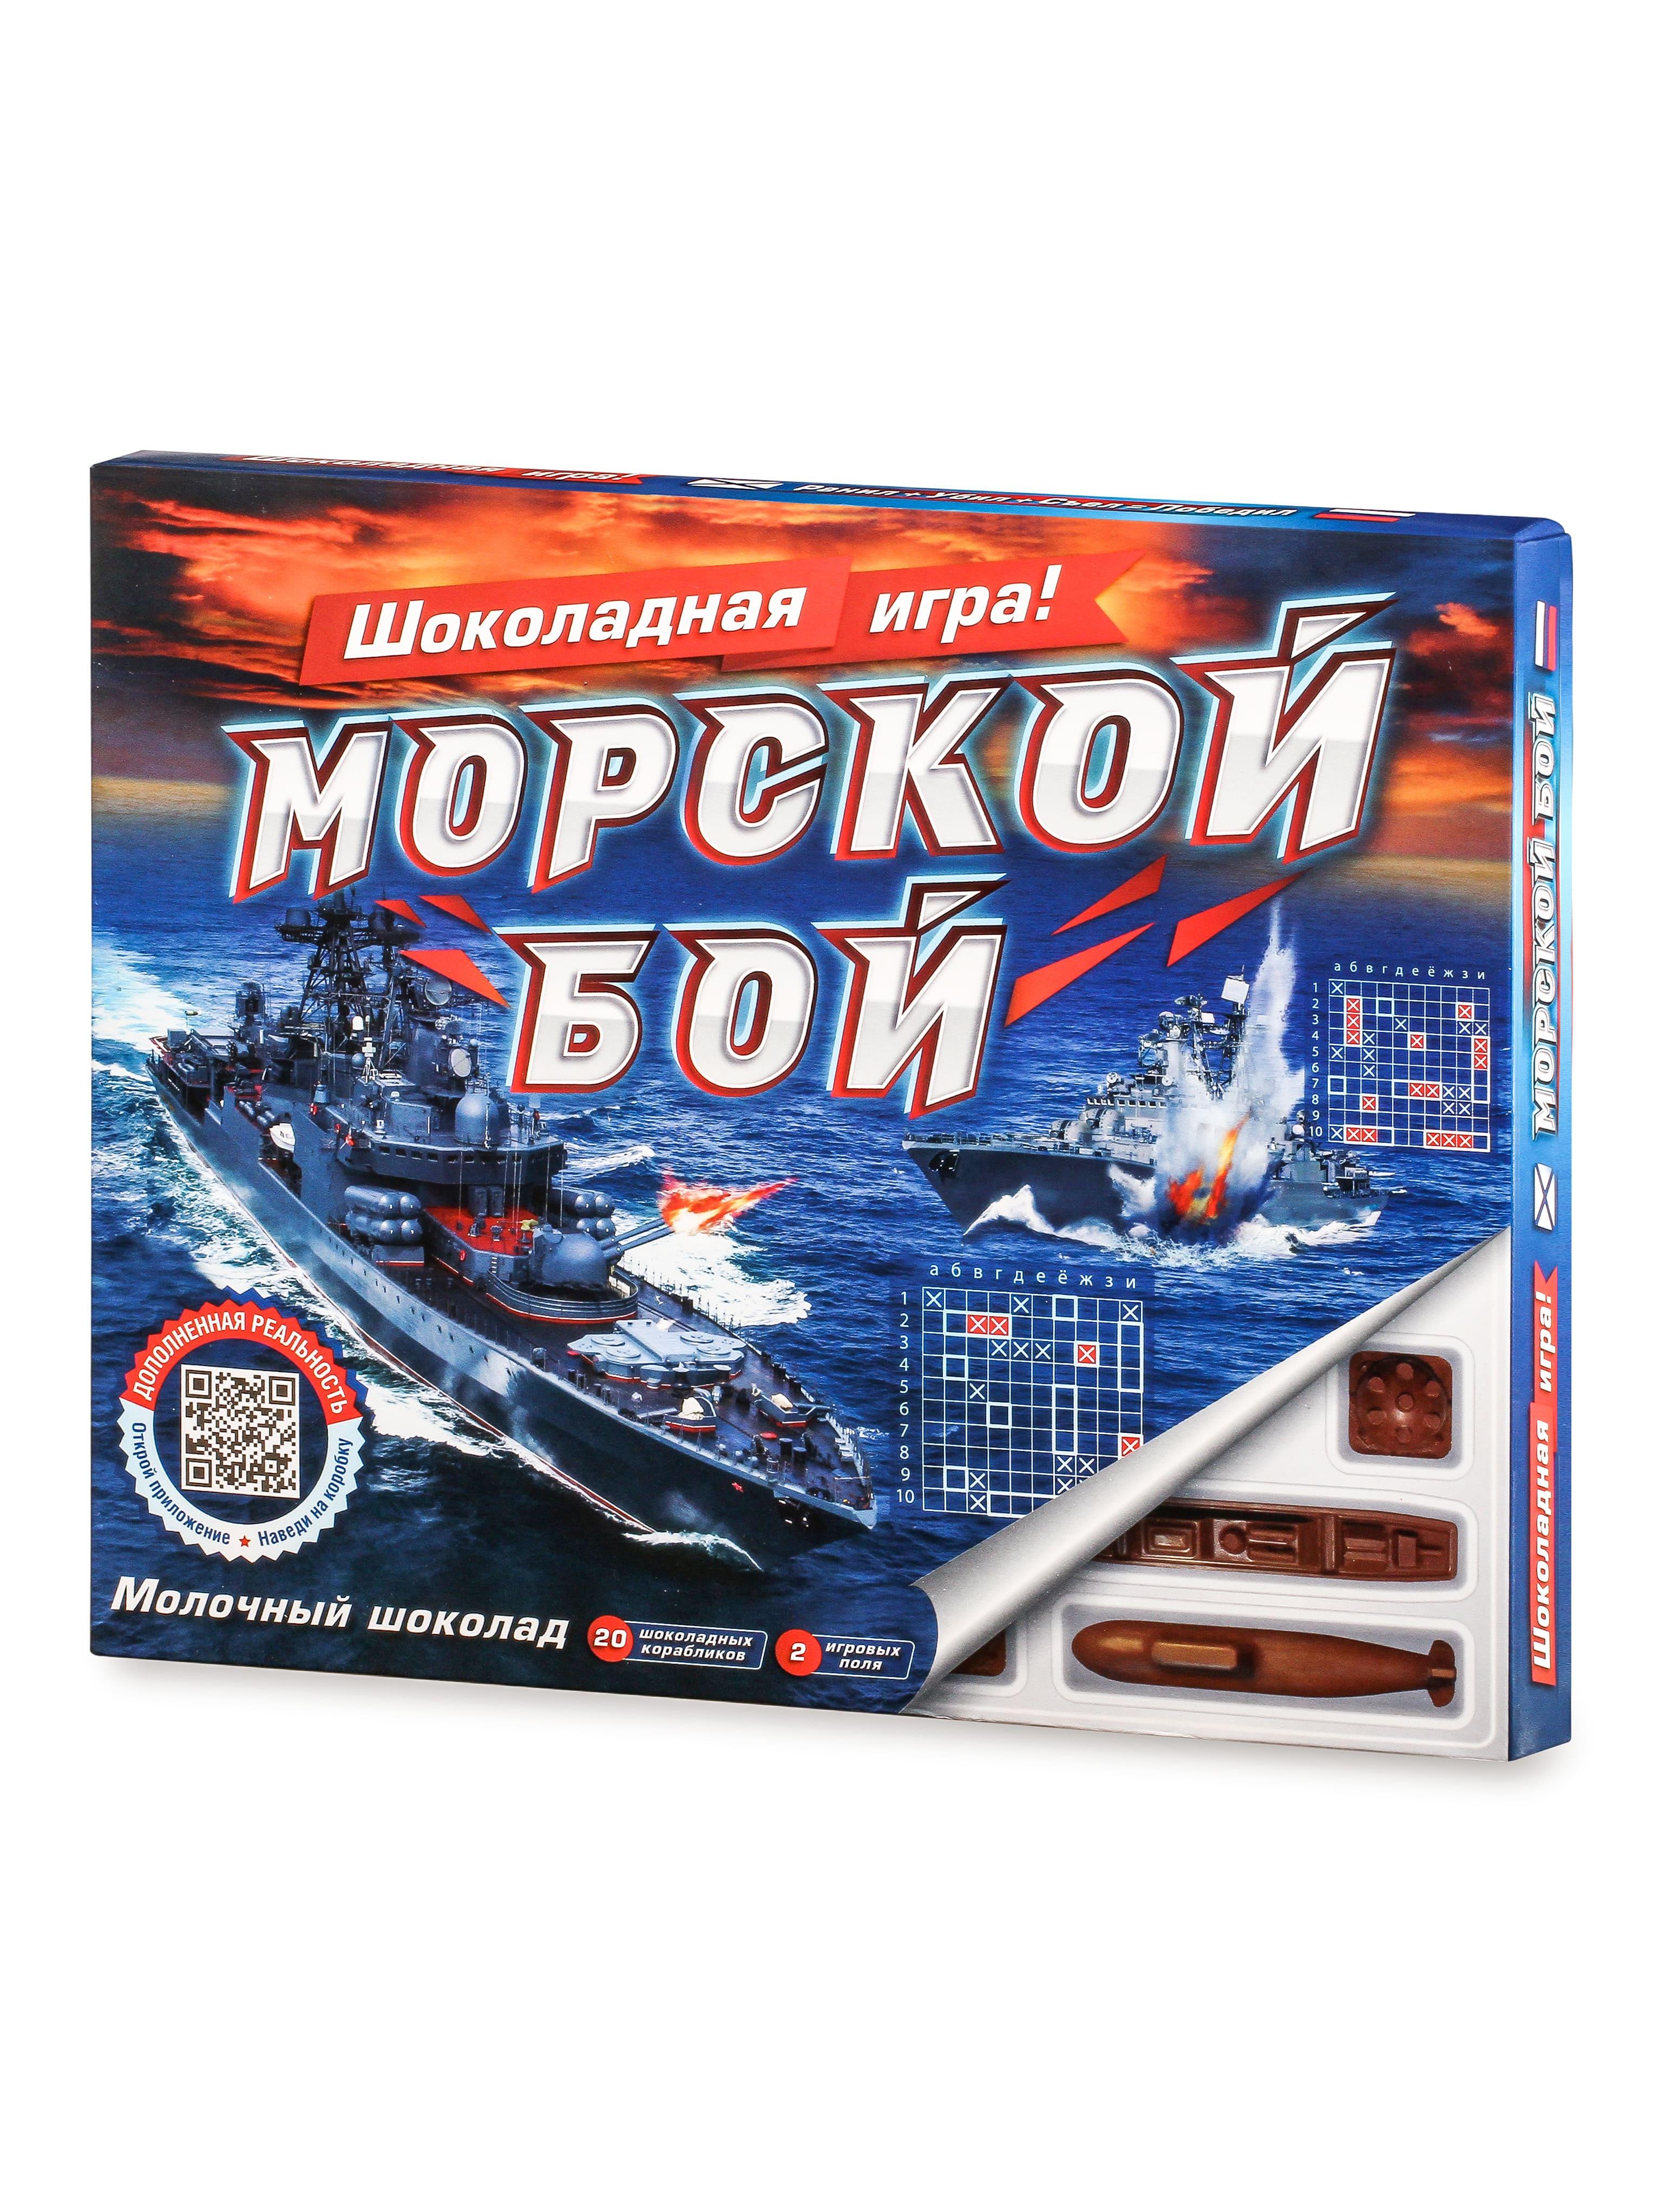 Шоколадная игра Вкусные идеи морской бой 180 г 28х22х2 Россия фото